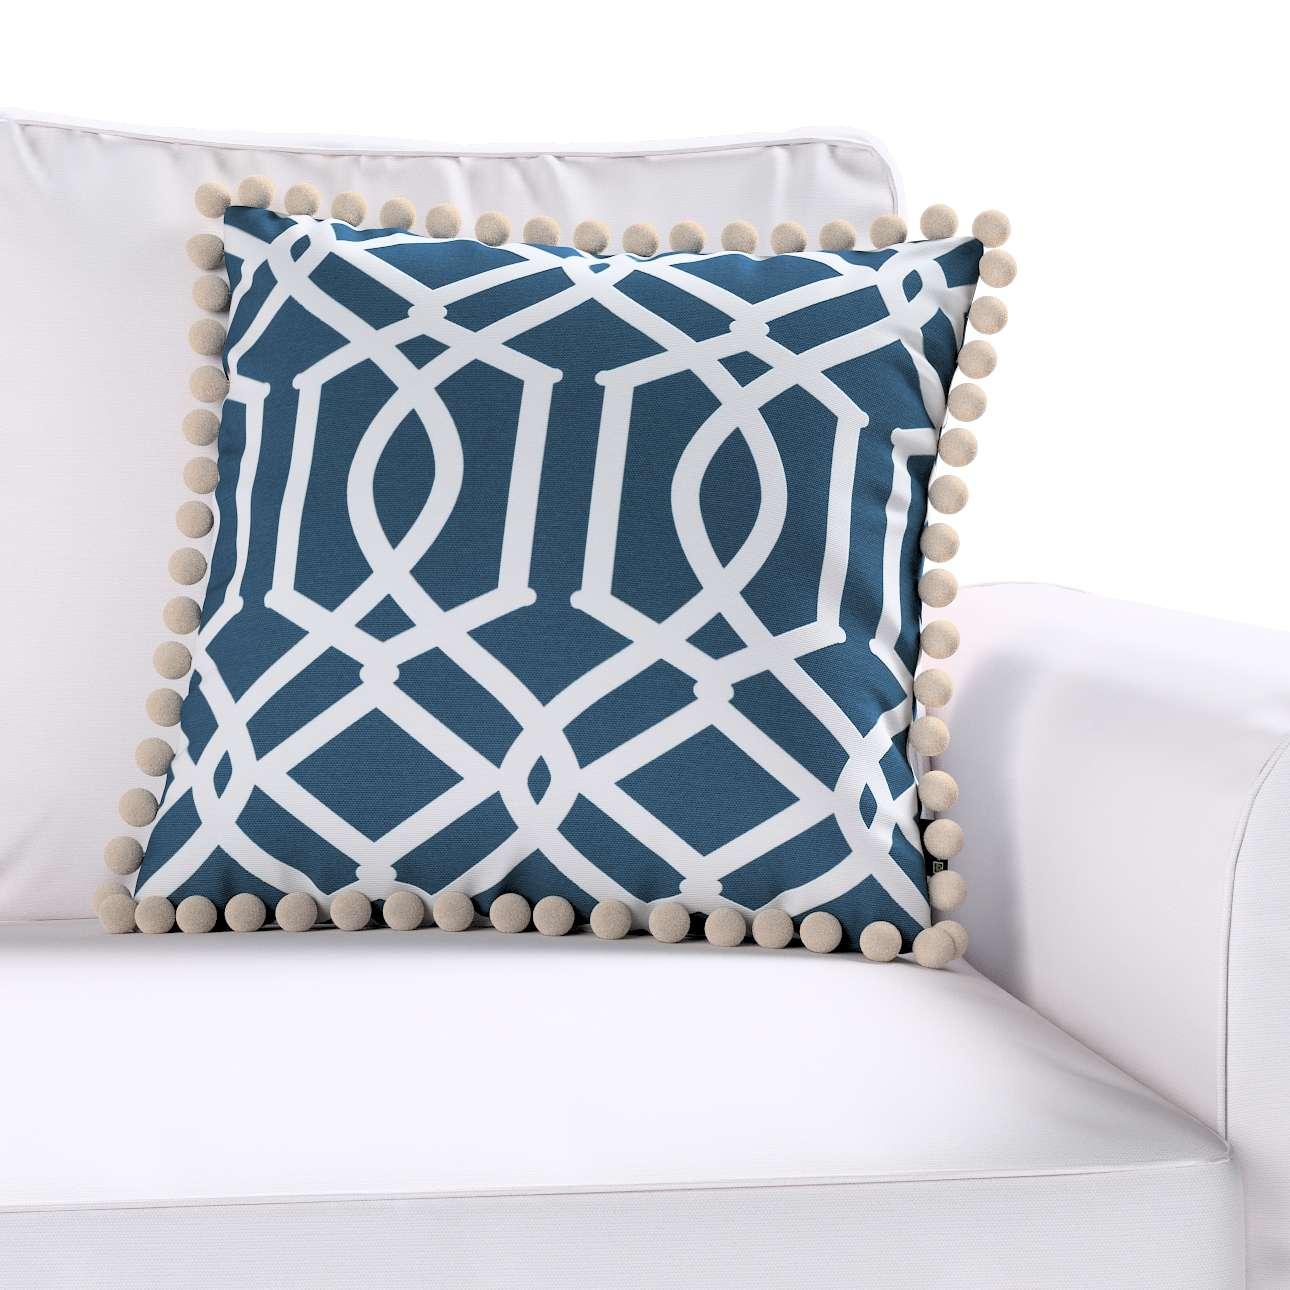 Wera dekoratyvinės pagalvėlės užvalkalas su žaismingais kraštais kolekcijoje Comics Prints, audinys: 135-10